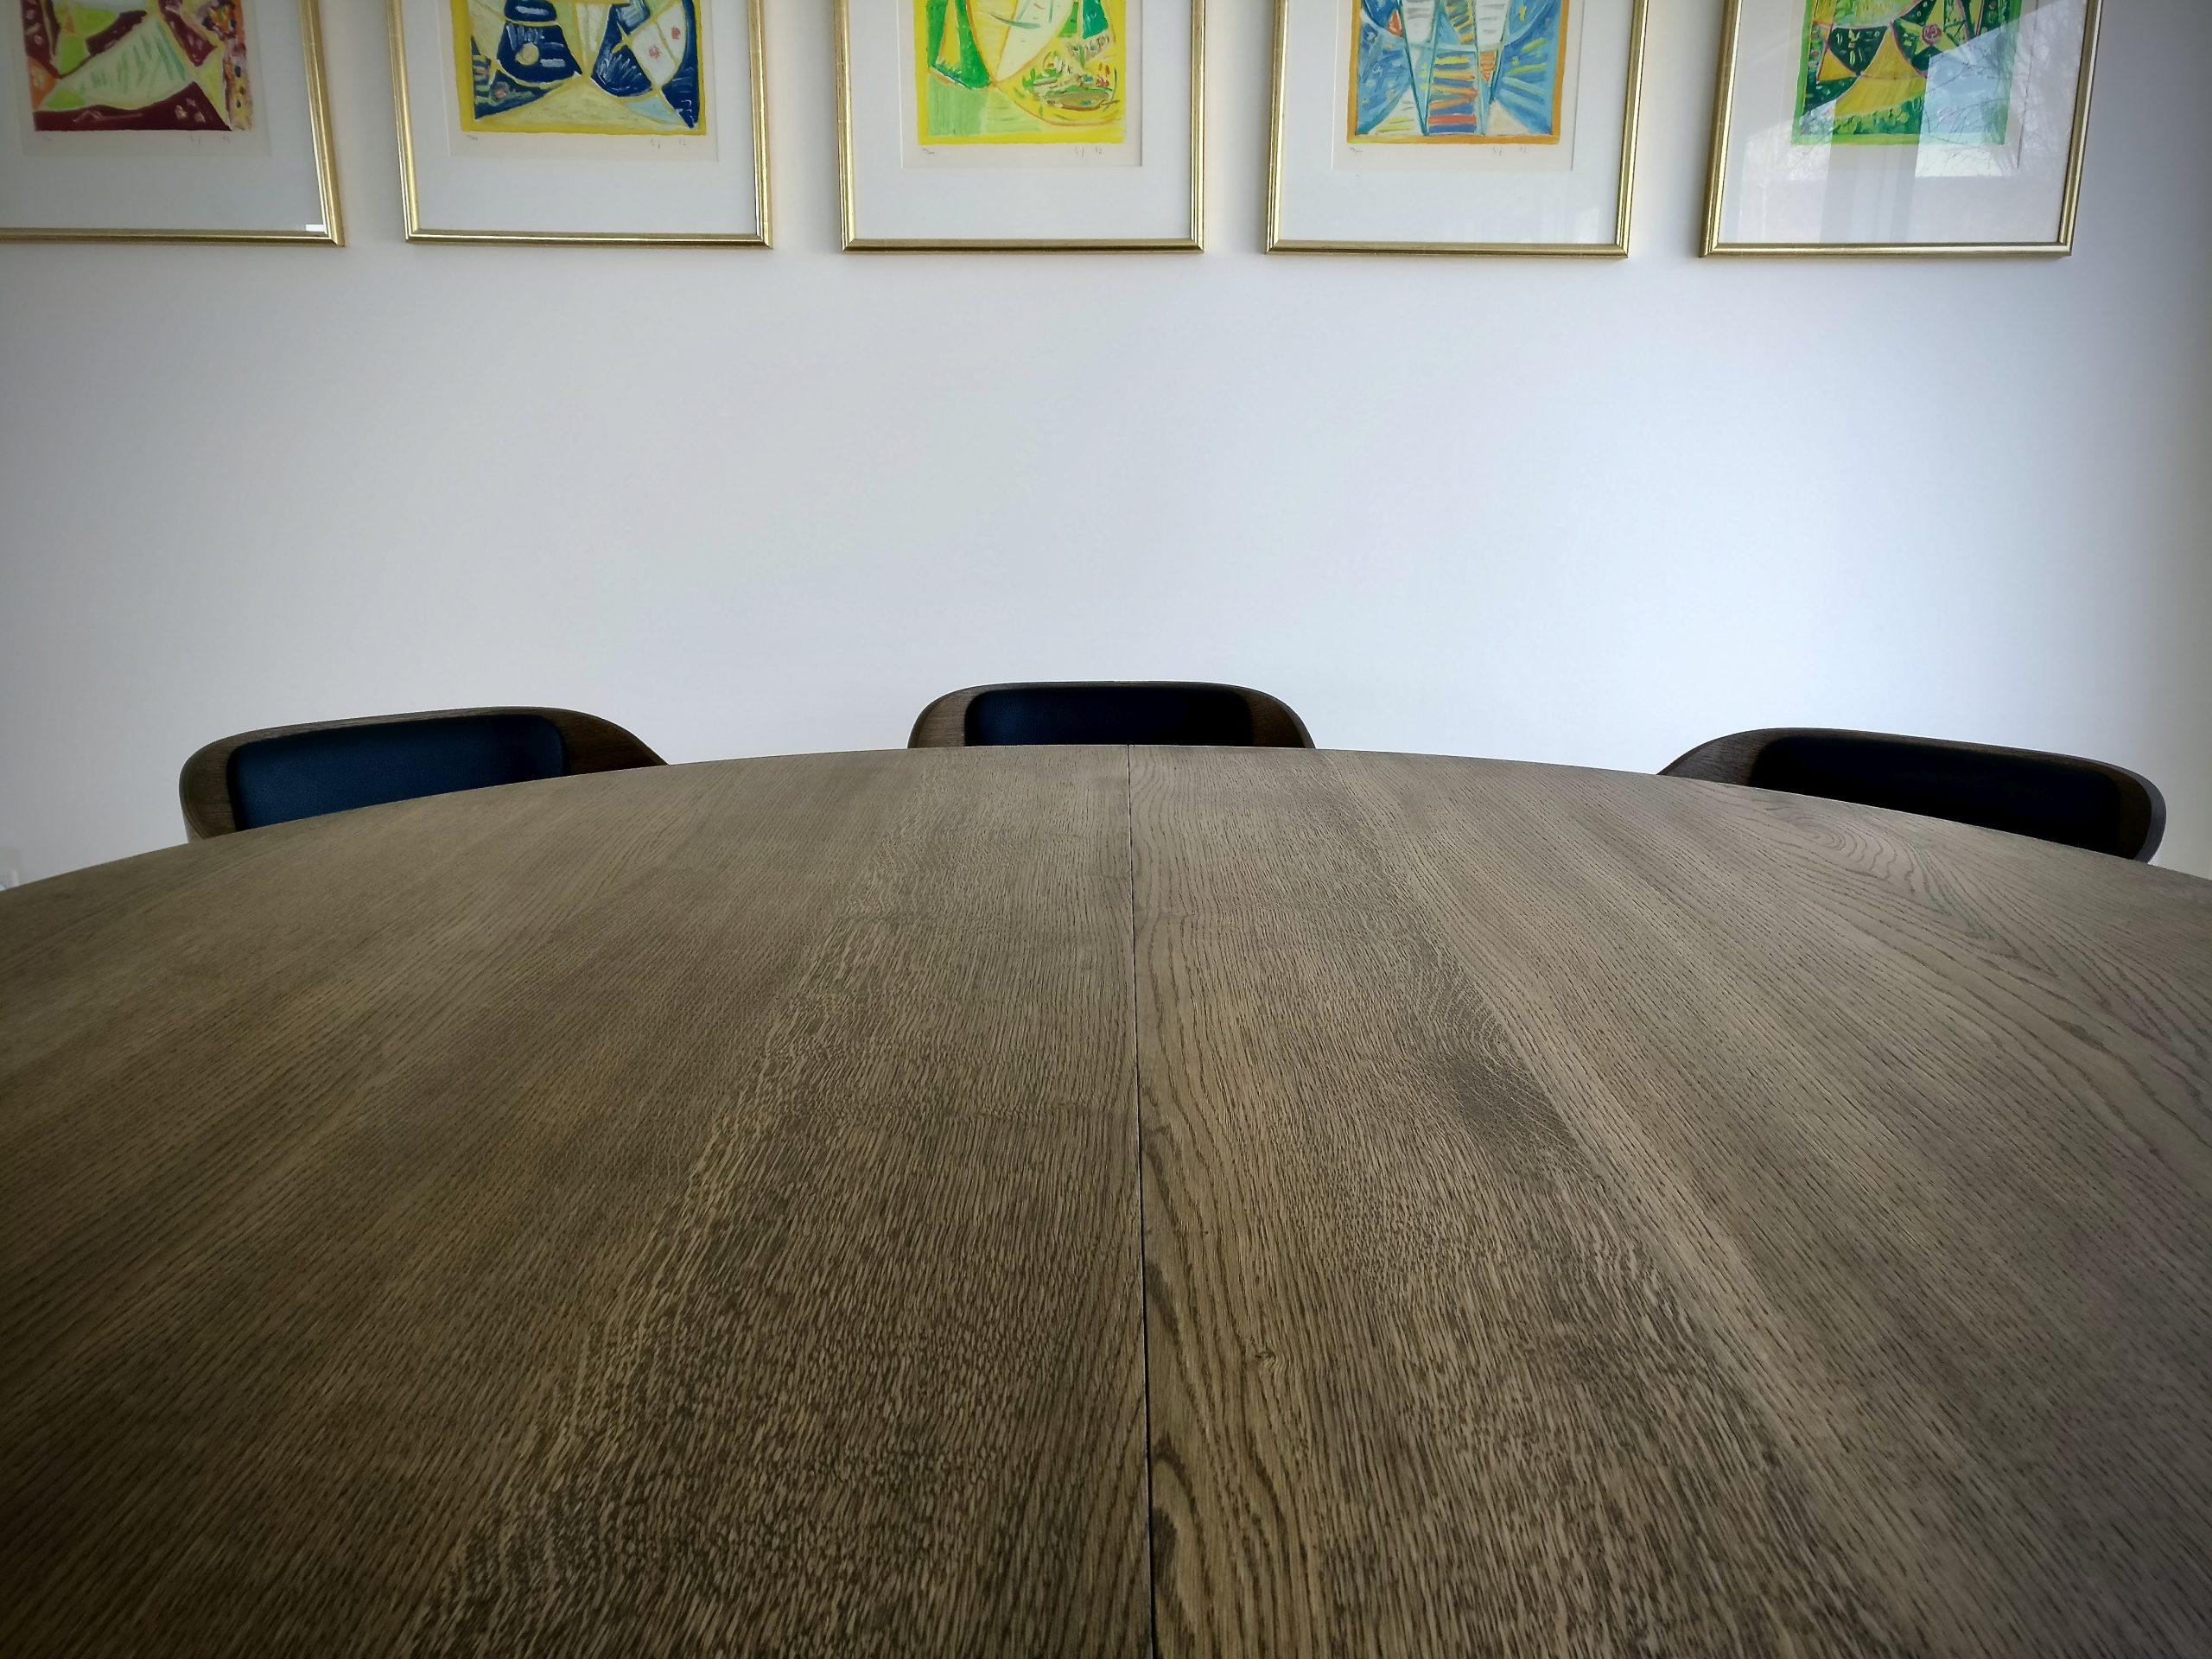 Rundt plankebord i egetrae kaerbygaard 2021 med udtryk og 2 tillaegsplader inkl mette spisebordsstole 4 scaled